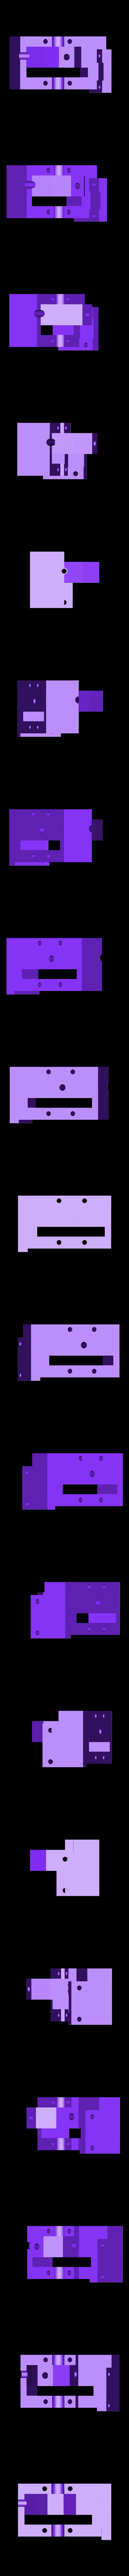 Filament_Sensor_Main.stl Télécharger fichier STL gratuit Capteur optique à filament - pour filament de 1,75mm • Objet pour imprimante 3D, CVMichael